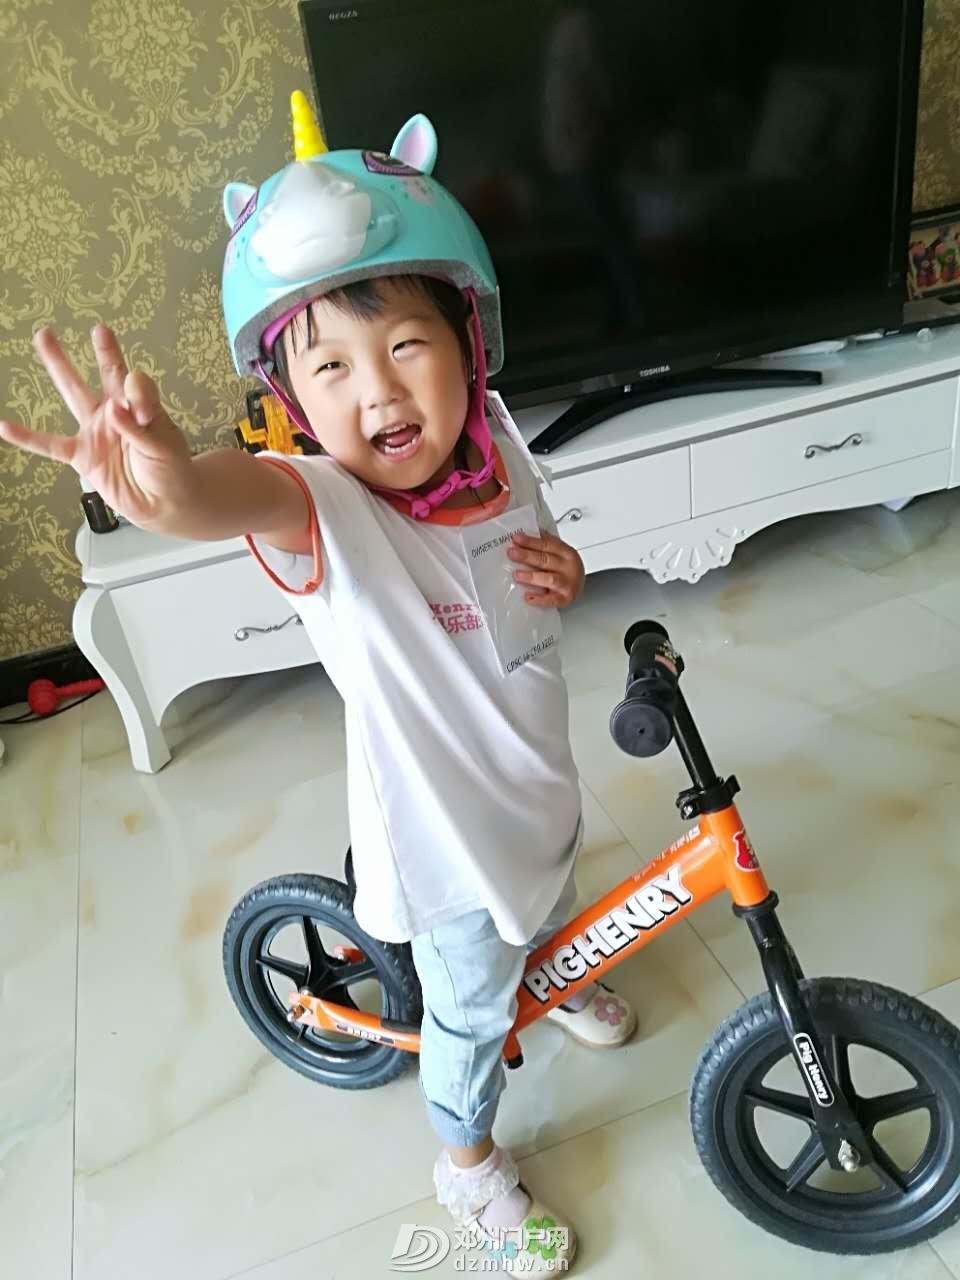 让宝宝们健康成长快乐运动 - 邓州门户网|邓州网 - PHC raskullz083.jpg